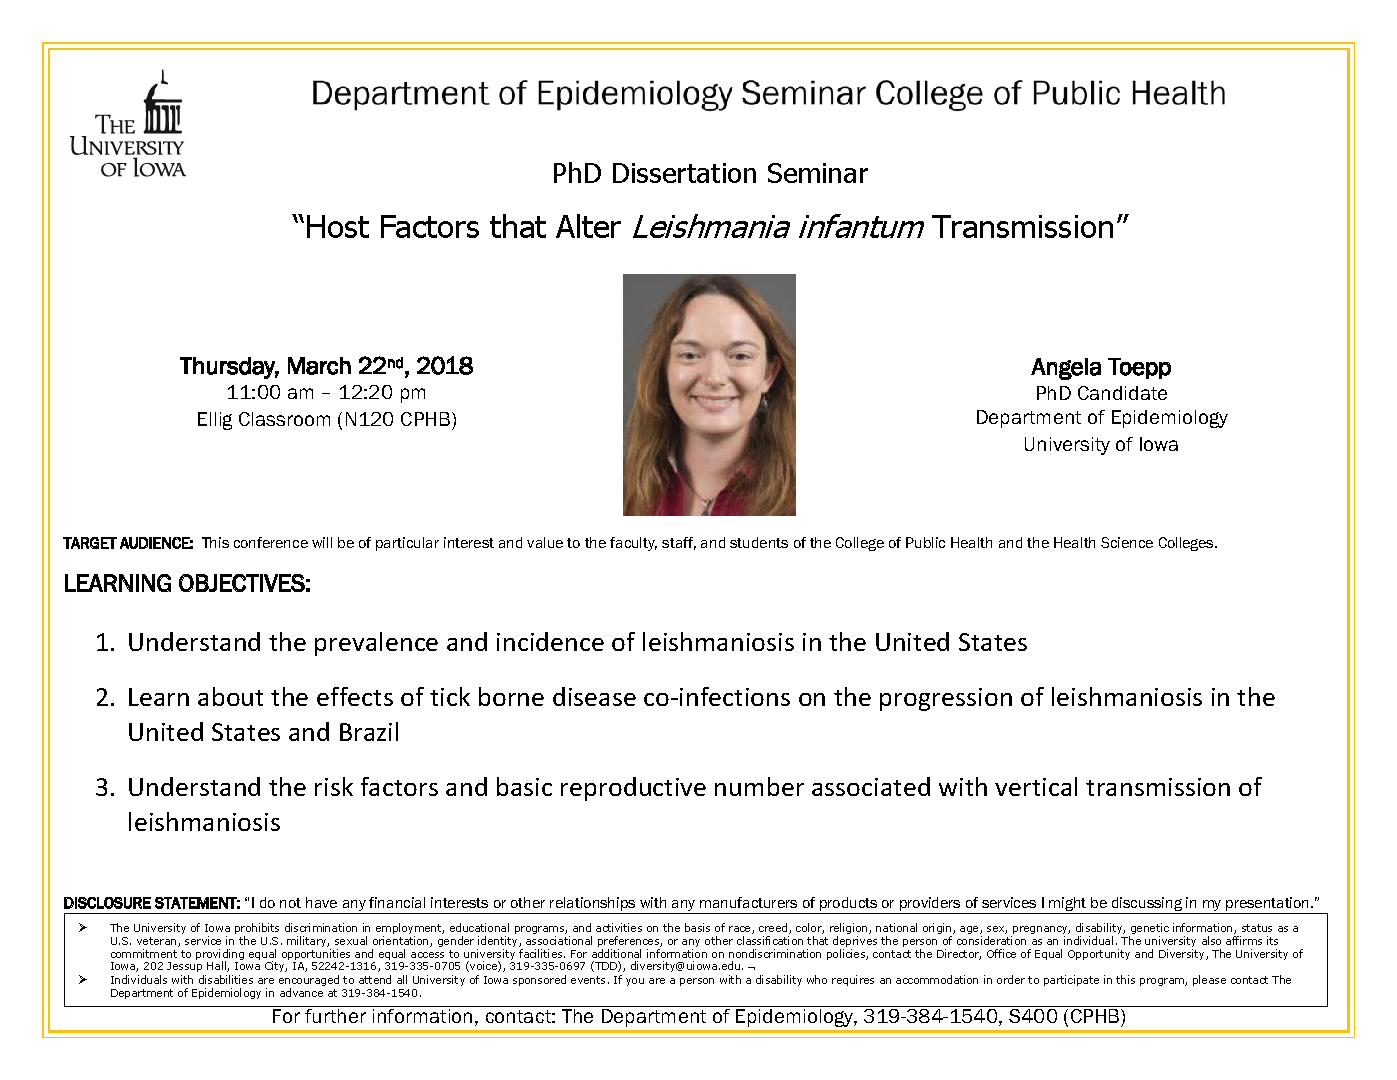 uiowa epidemiology dissertation